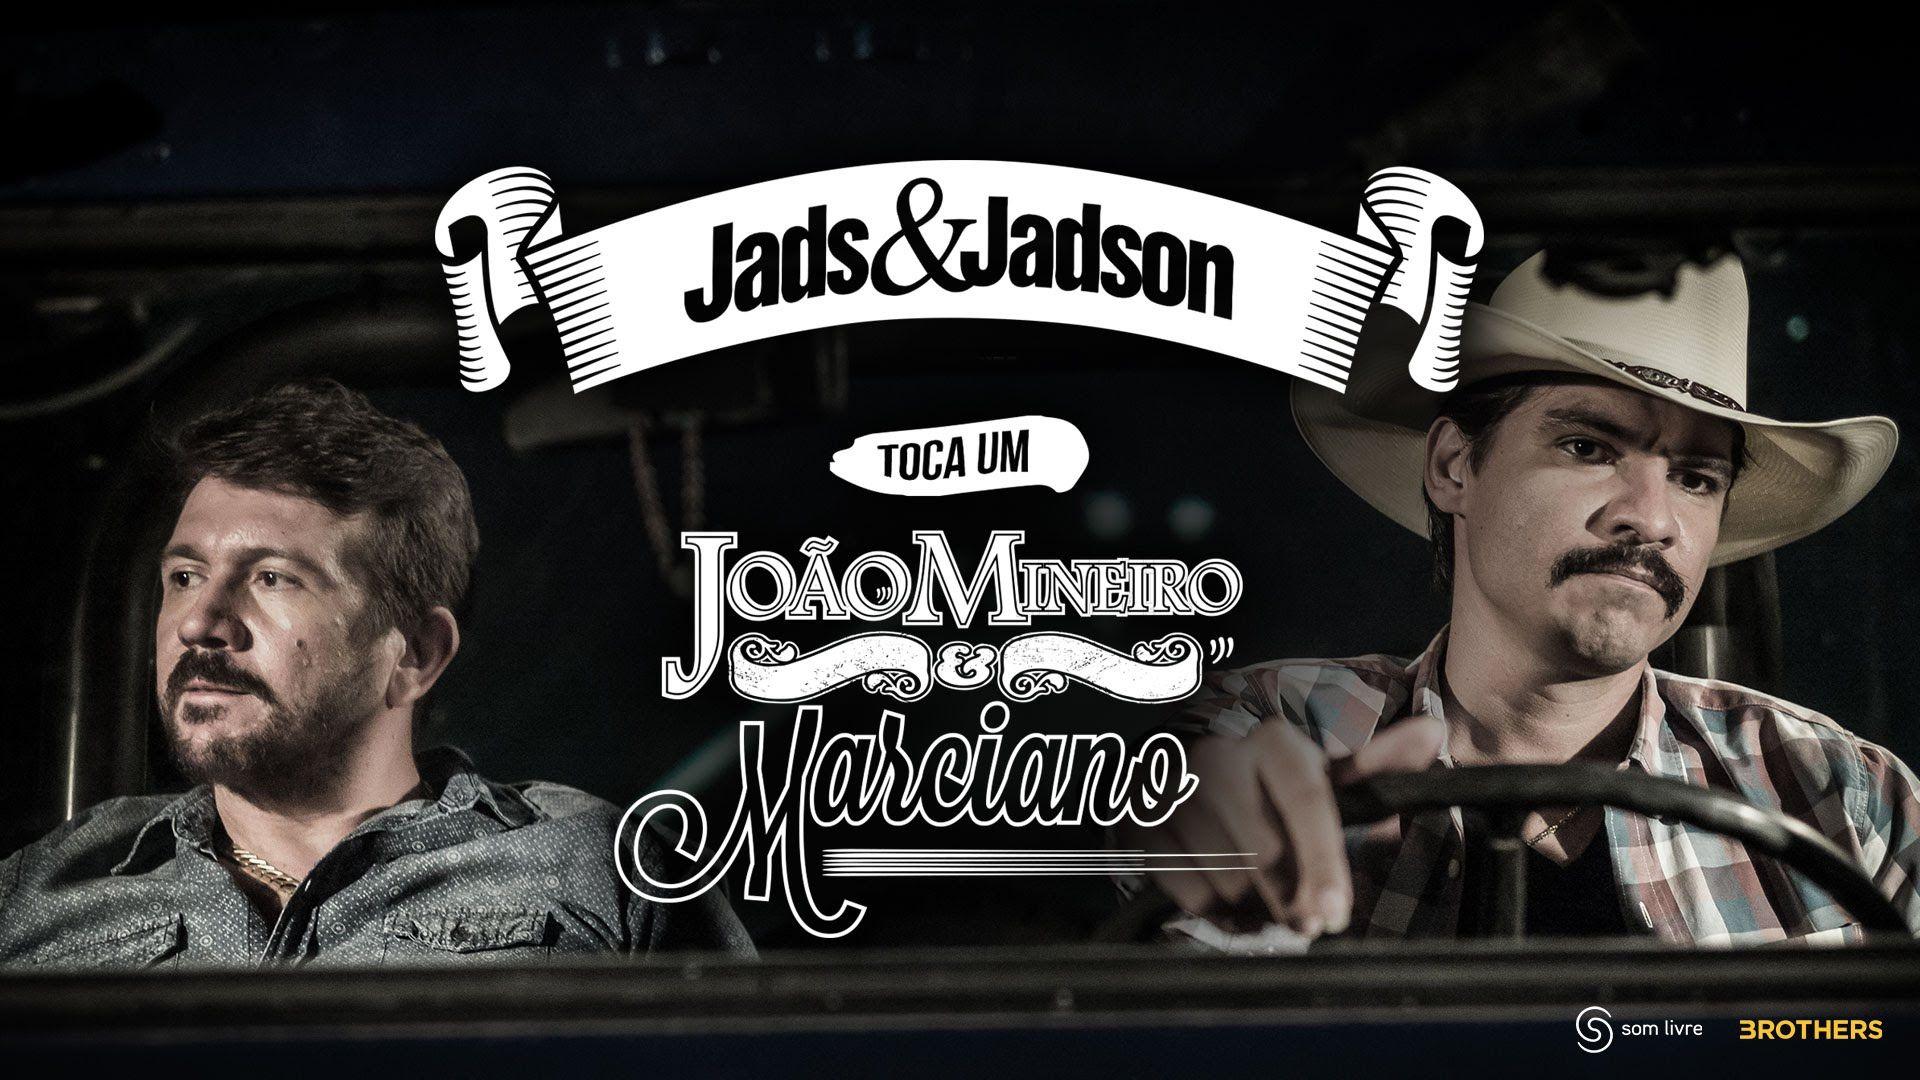 Jads Jadson Toca Um Joao Mineiro E Marciano Clipe Oficial